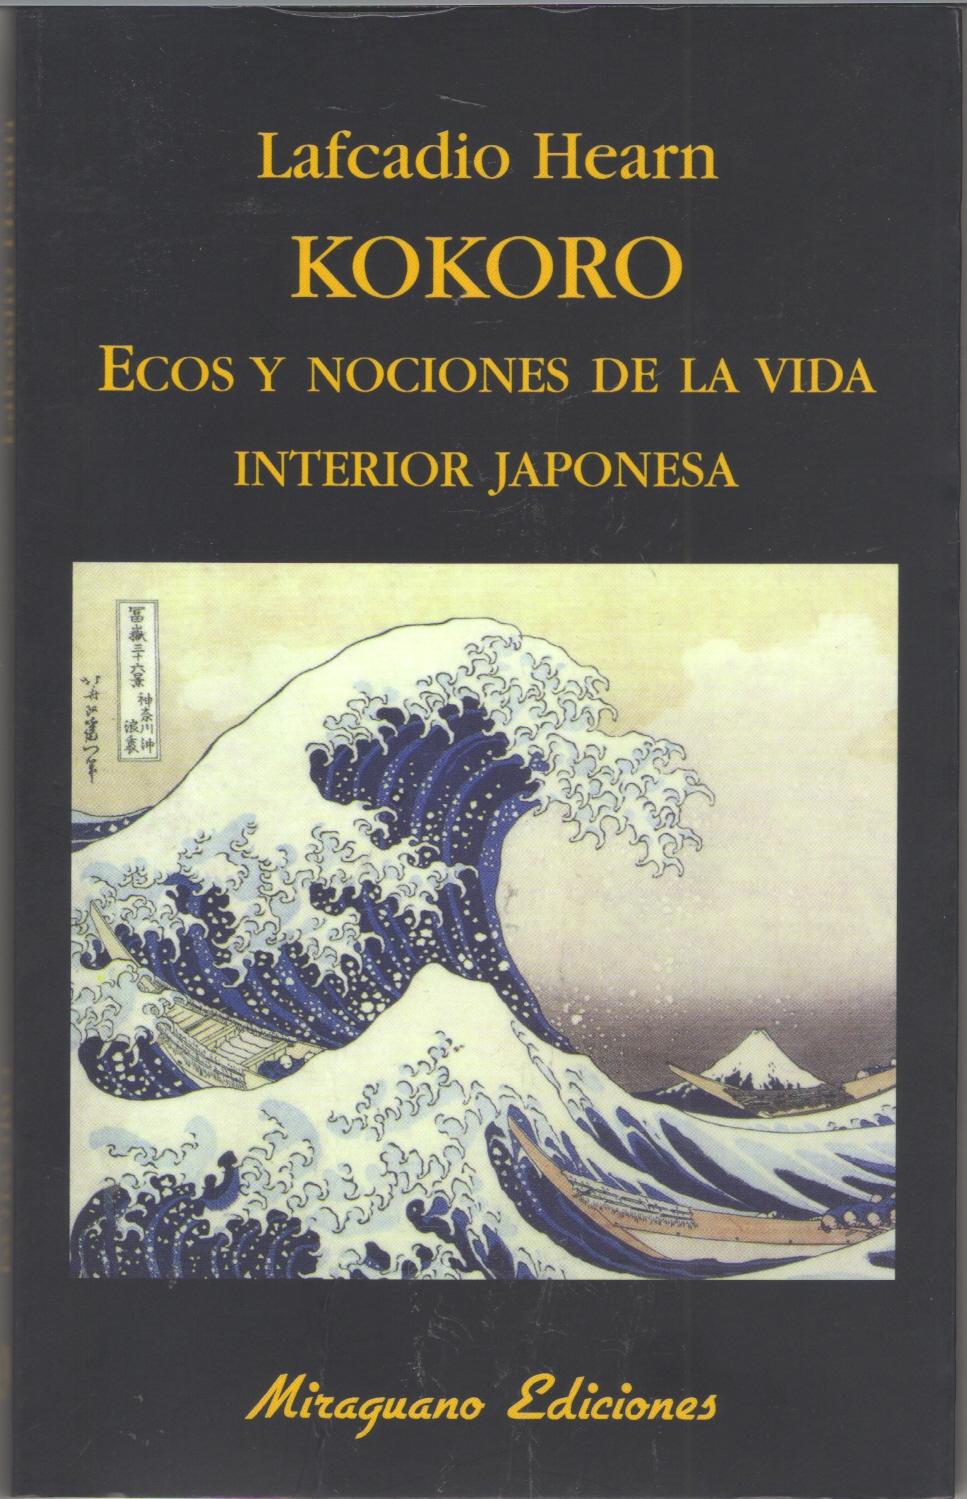 KOKORO. ECOS Y NOCIONES DE LA VIDA INTERIOR JAPONESA